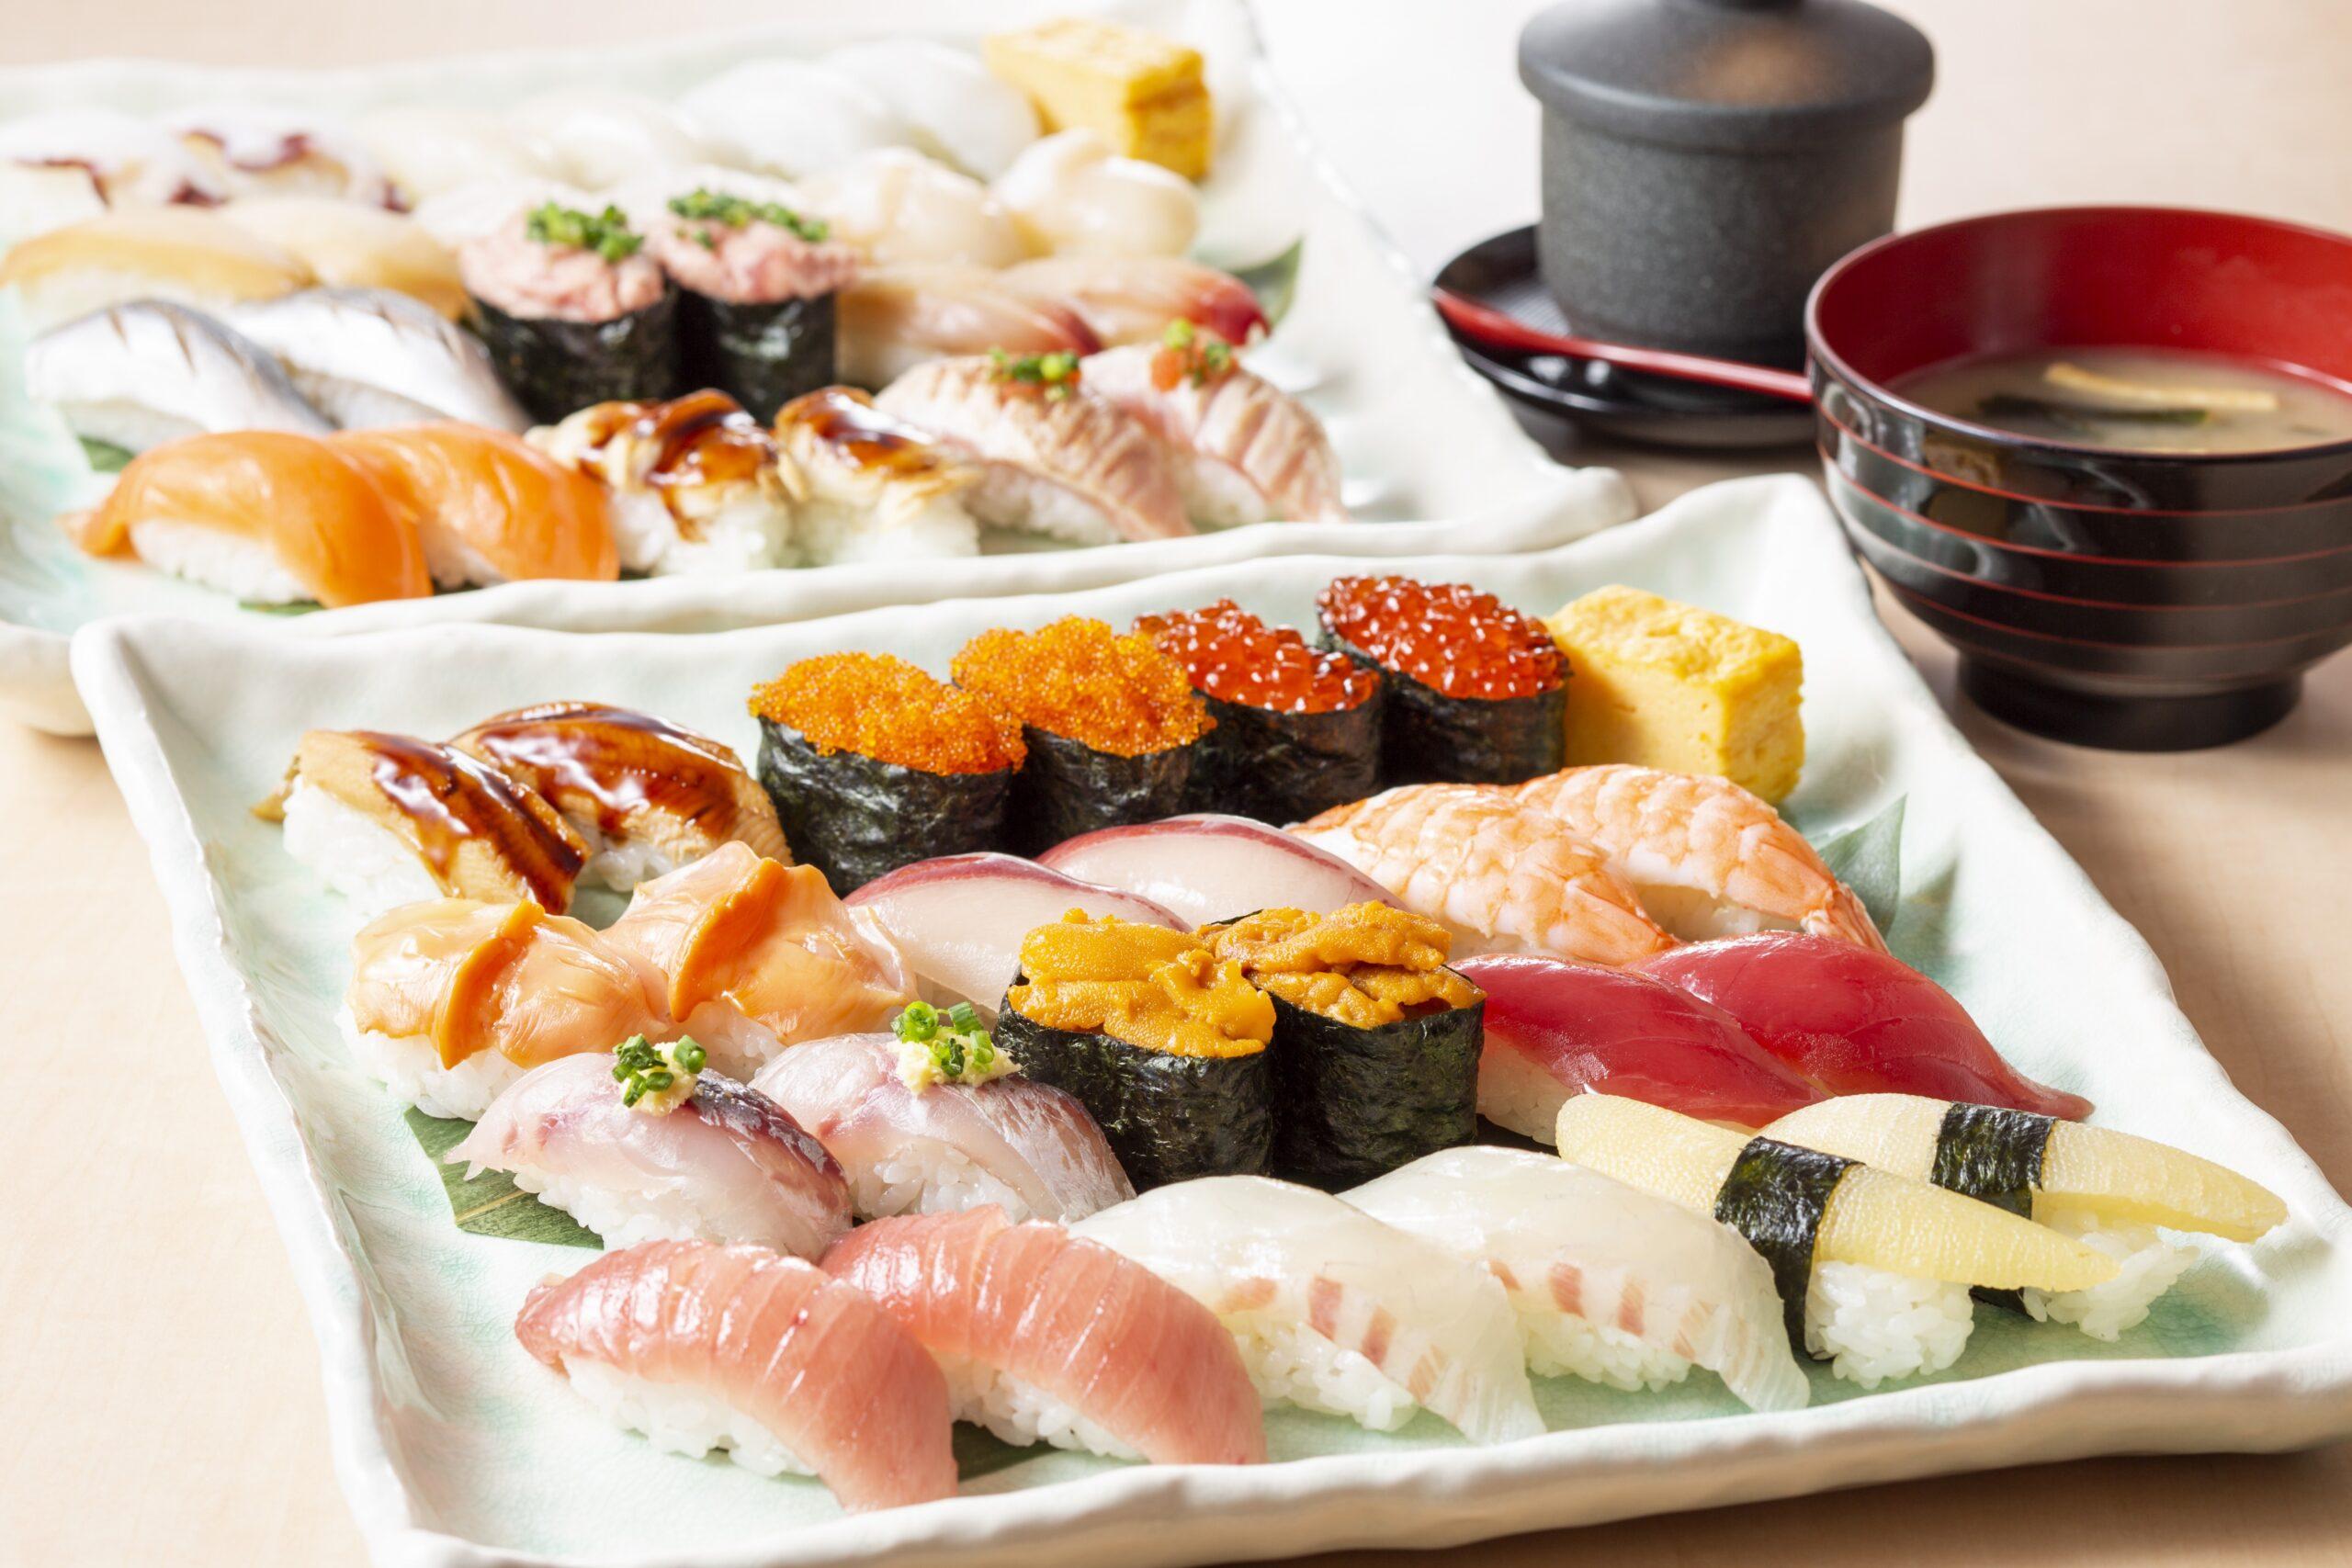 高級寿司食べ放題「雛鮨」が上野の森さくらテラス2階に3/16開店するよ!上野駅 不忍口すぐ!